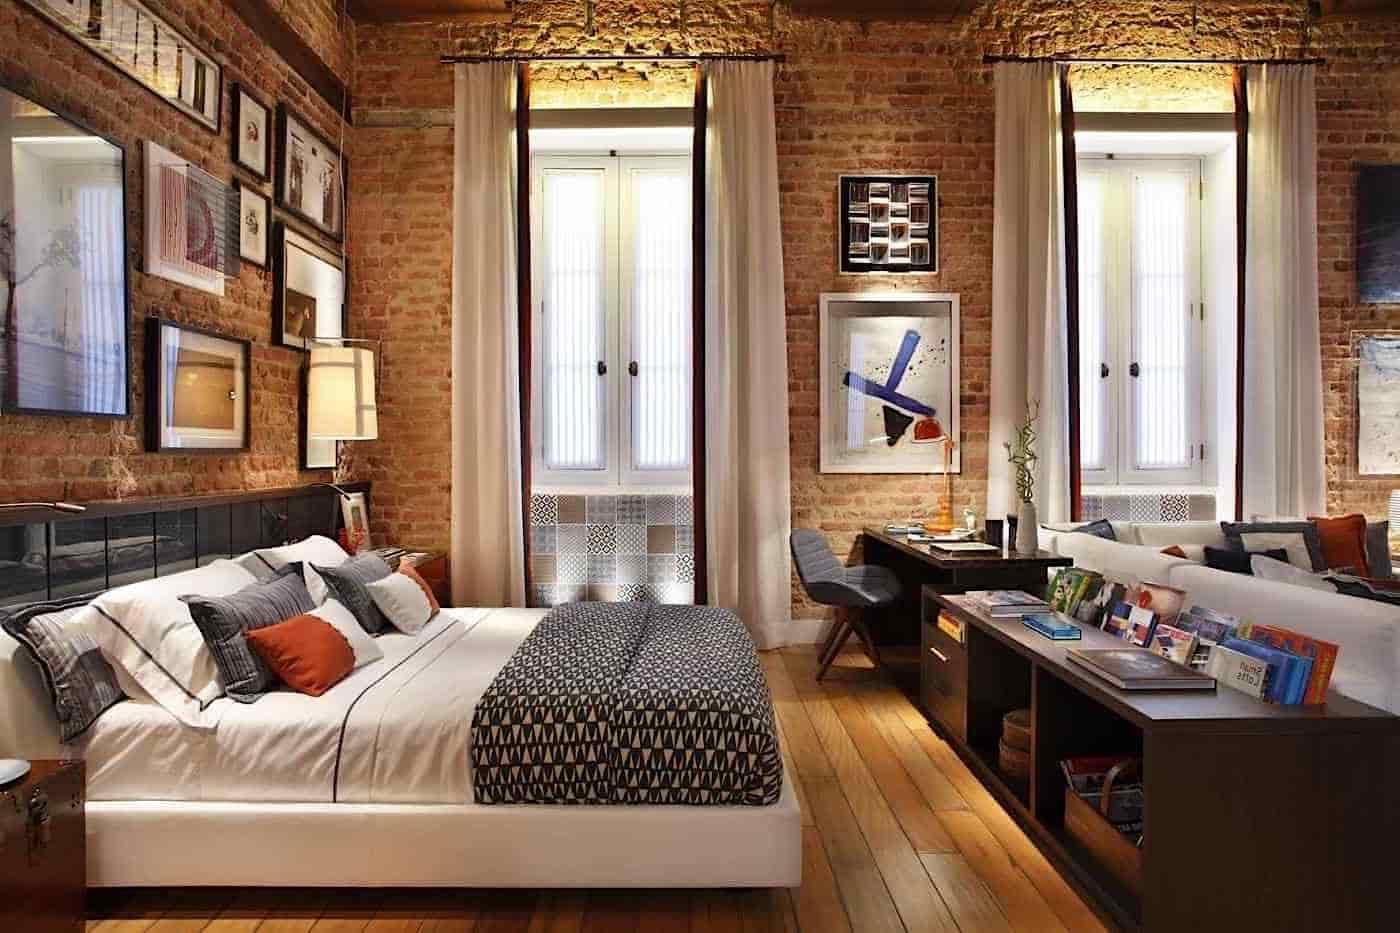 Роль перегородки для зонирования пространства может выполнить невысокая тумба поставленная перед кроватью